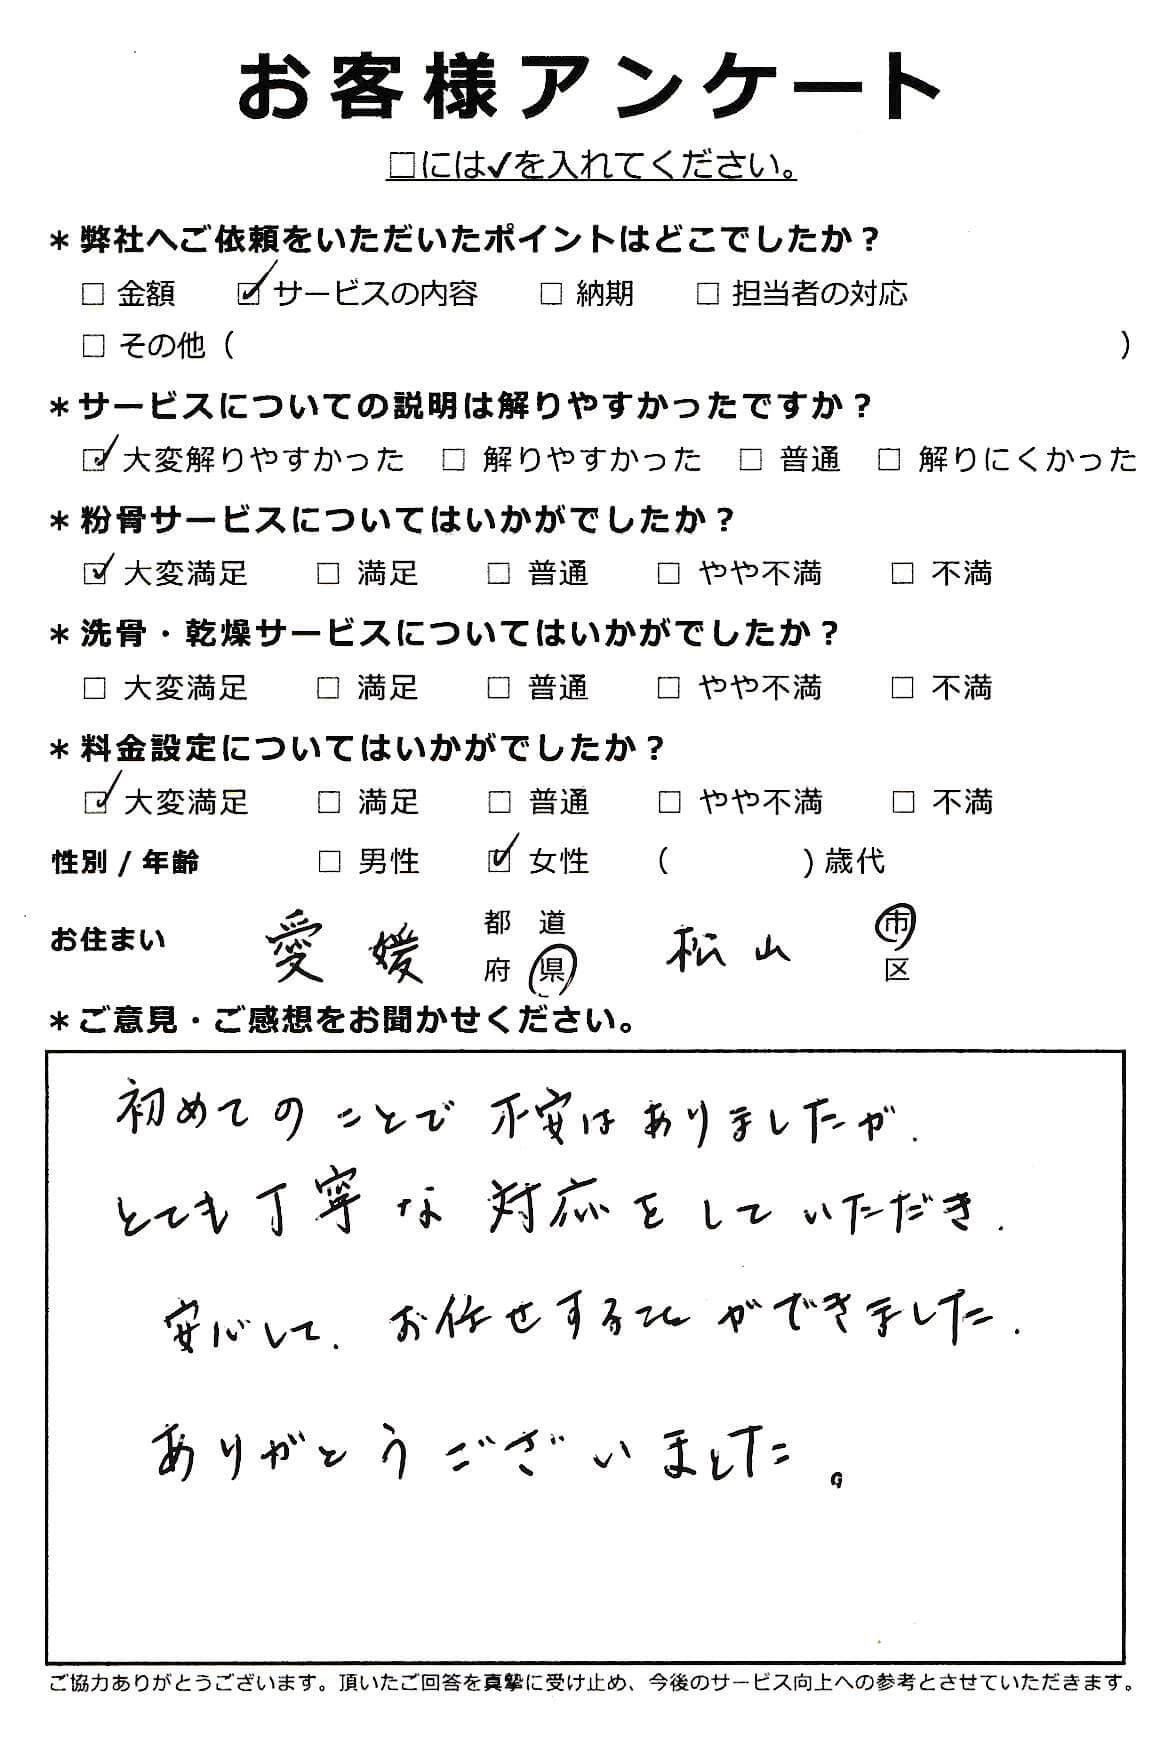 愛媛県松山市での粉骨サービス